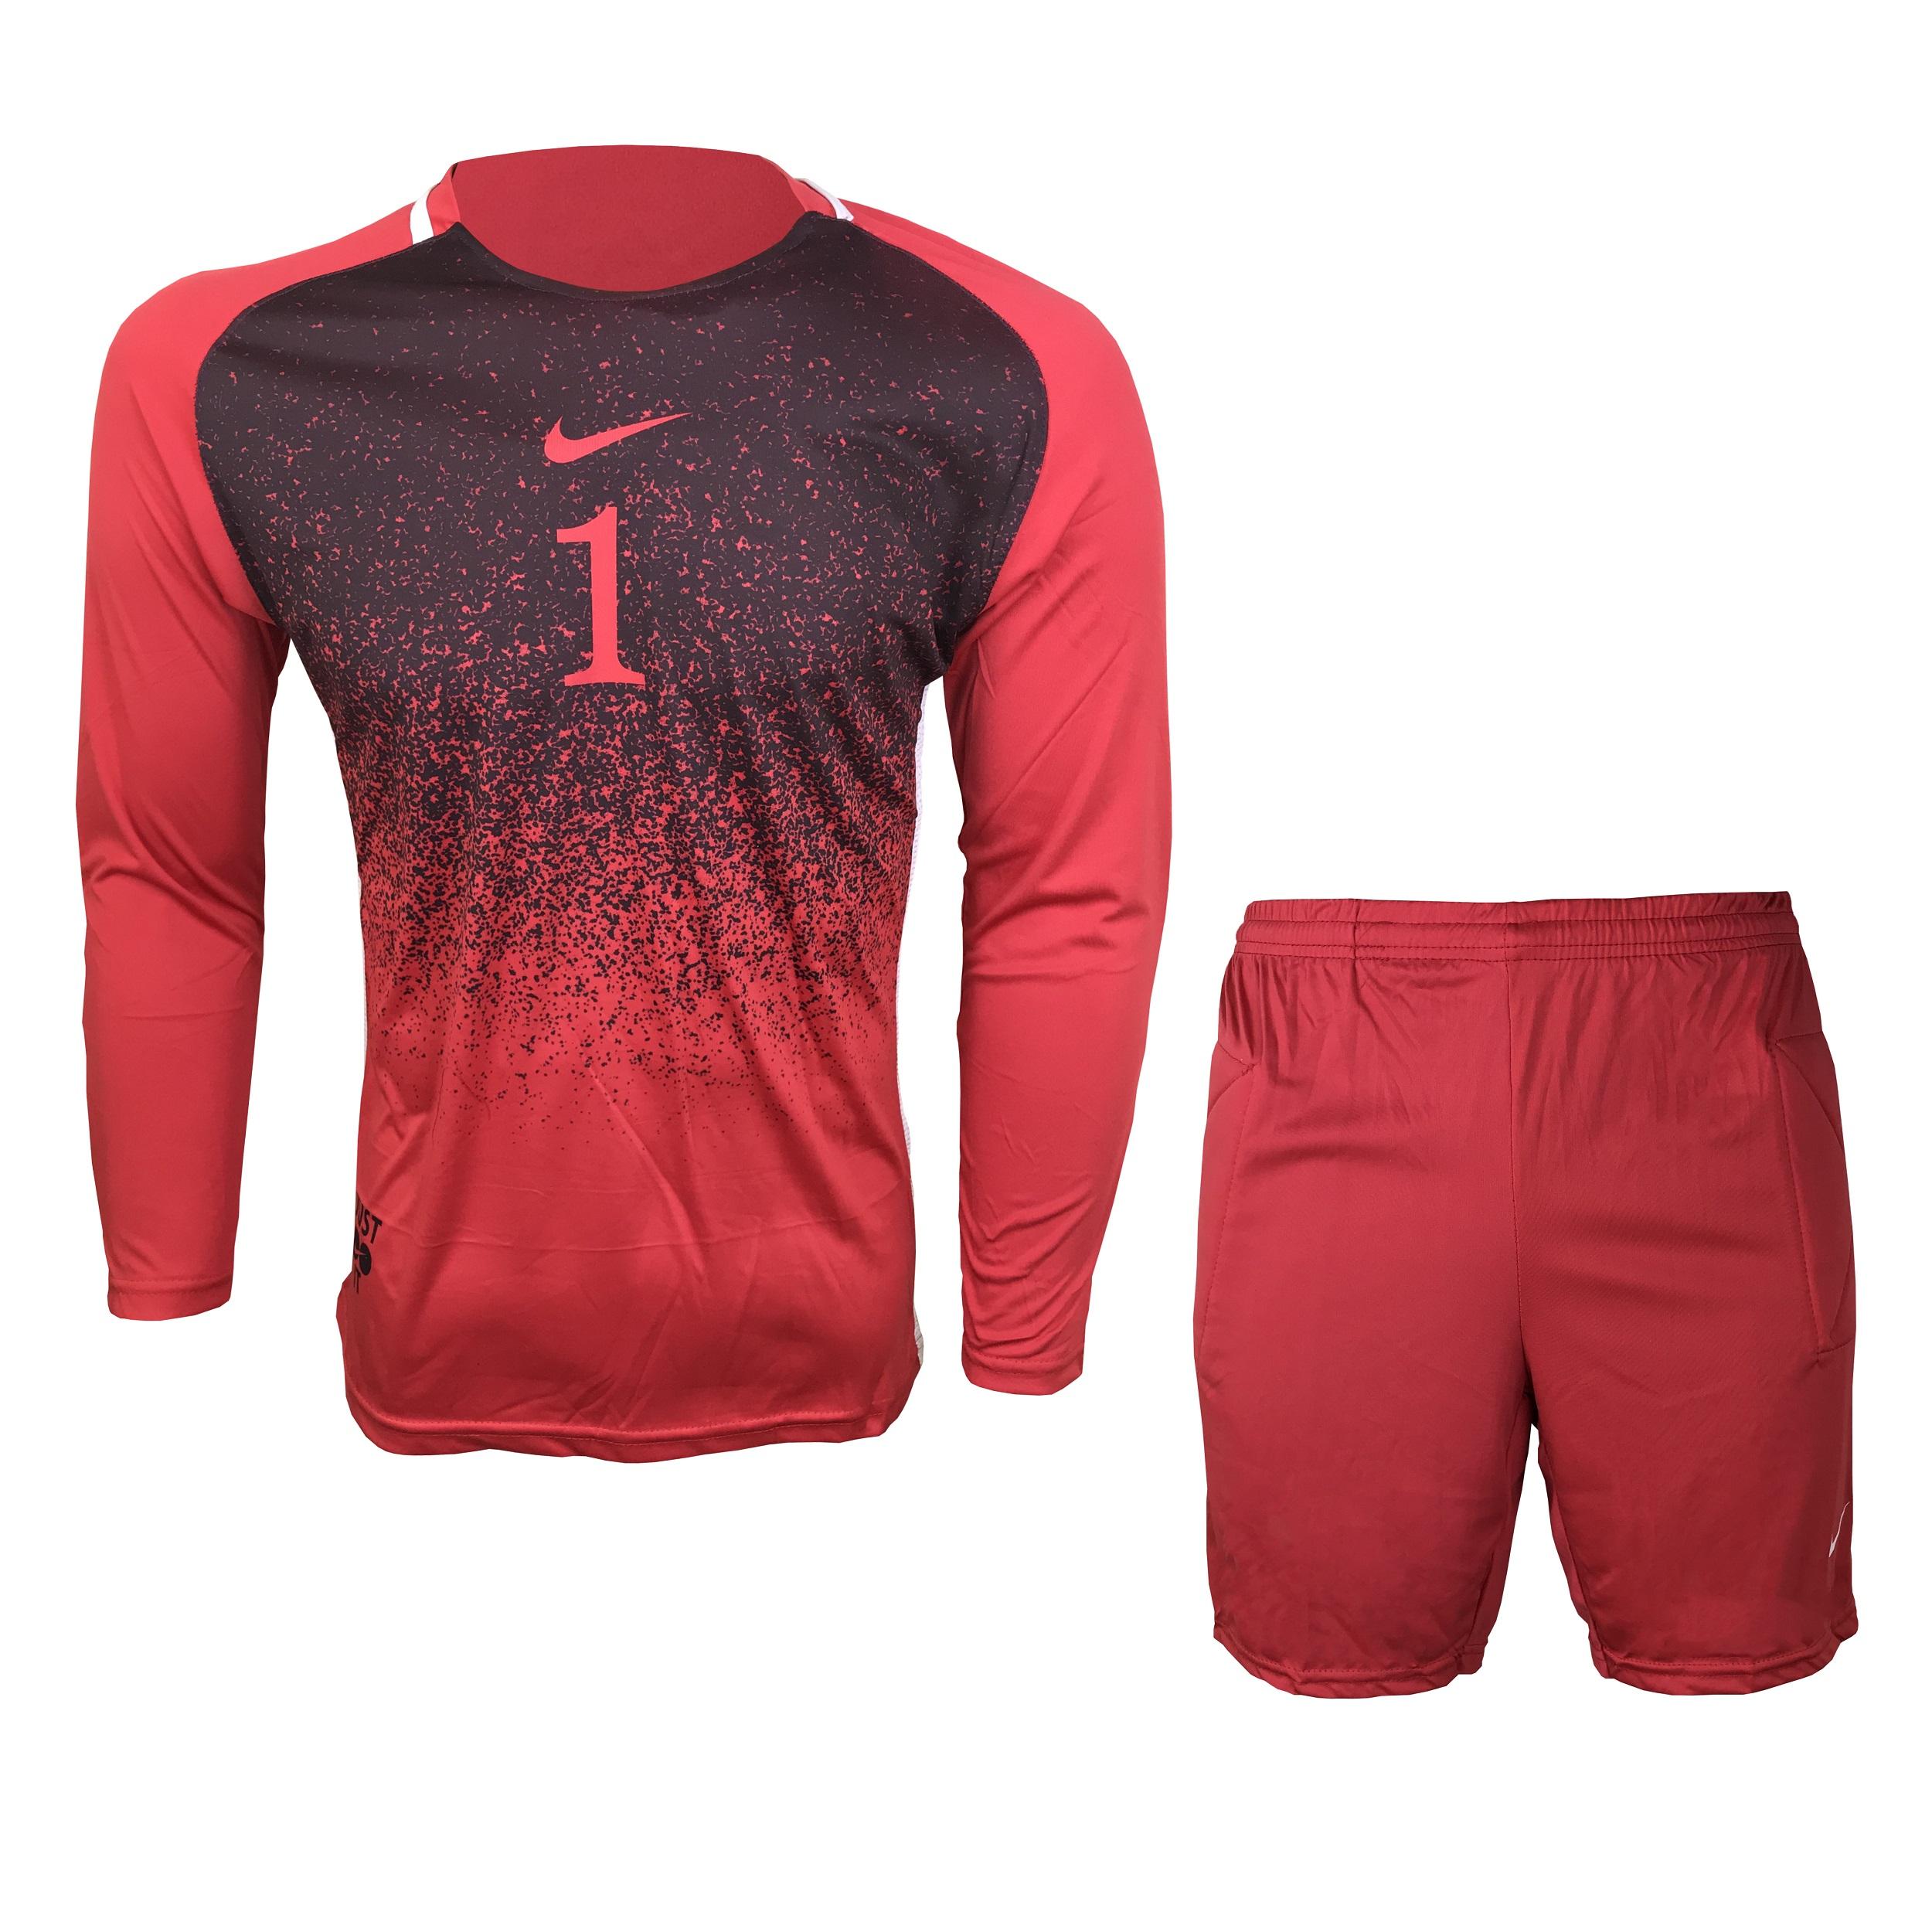 ست پیراهن و شورت دروازه بانی مردانه مدل N-R1